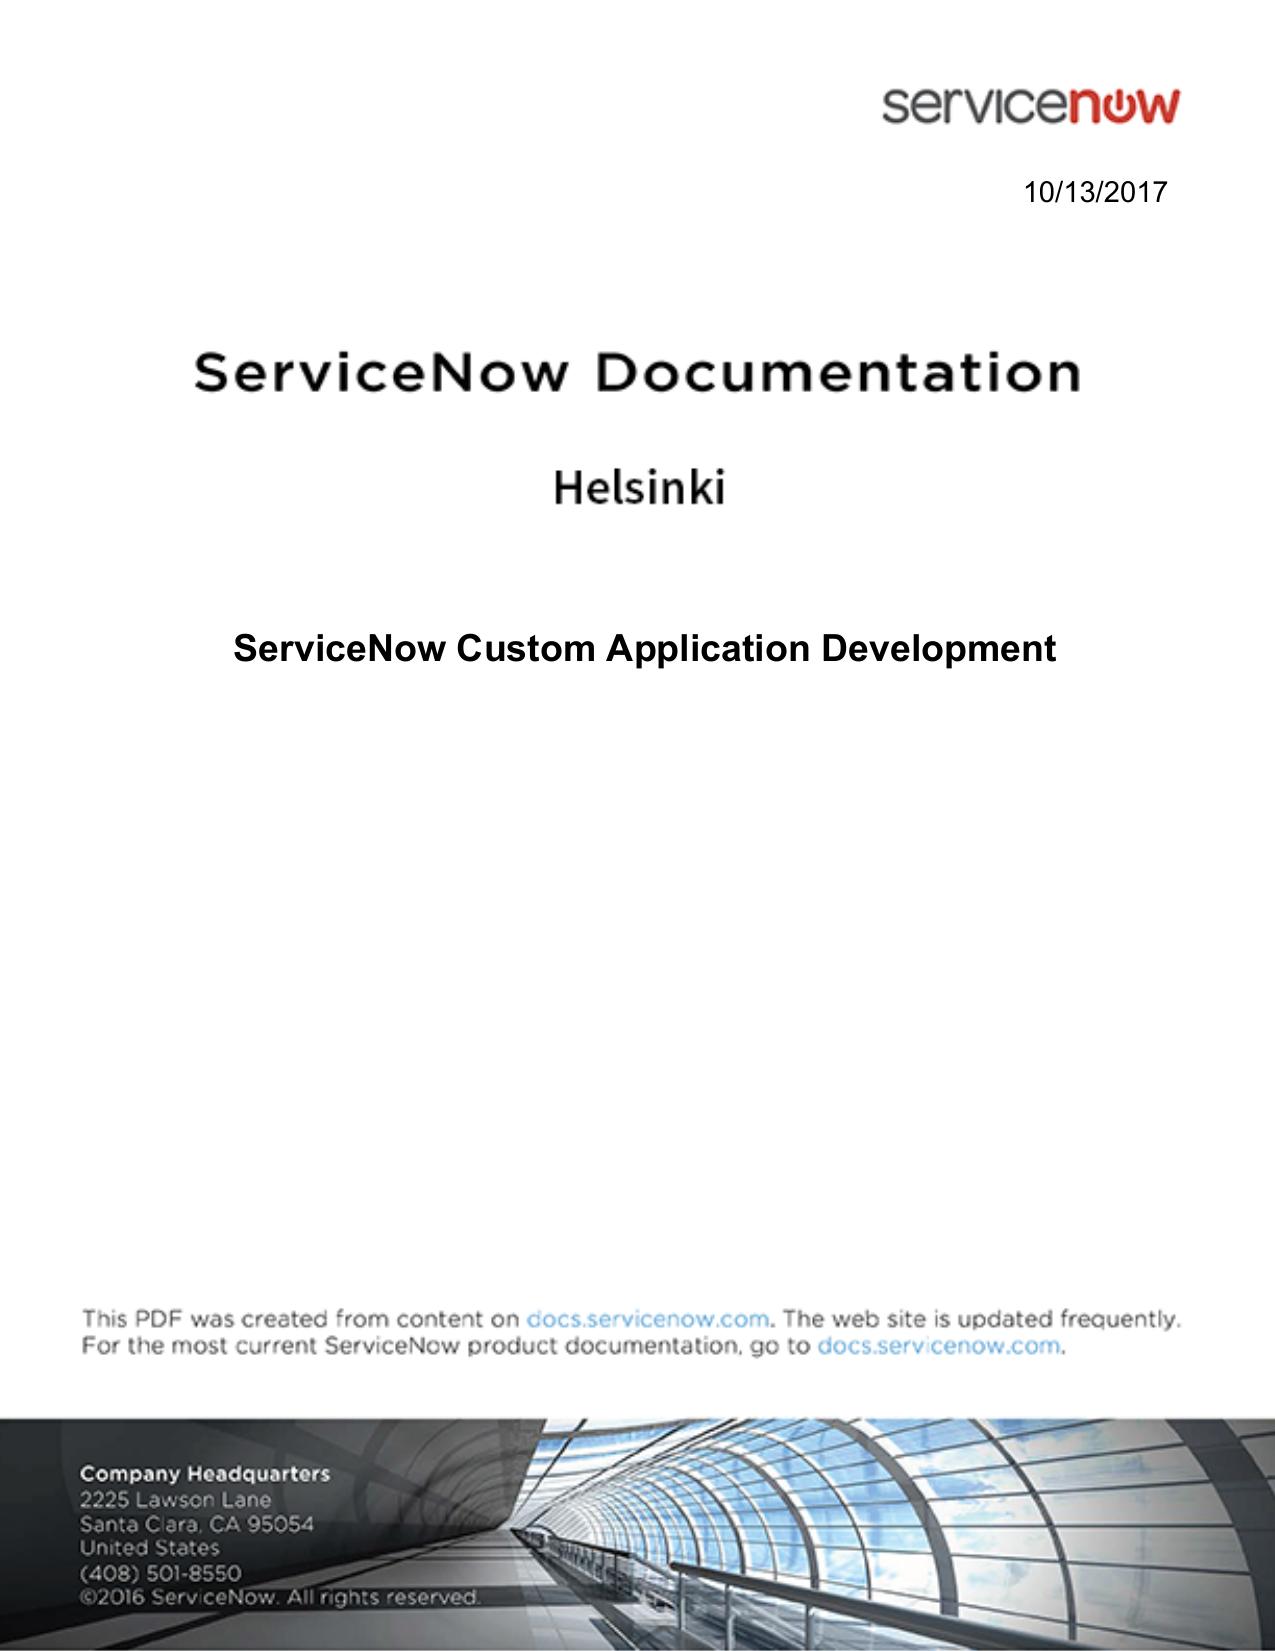 H ServiceNow Custom Application Development | manualzz com